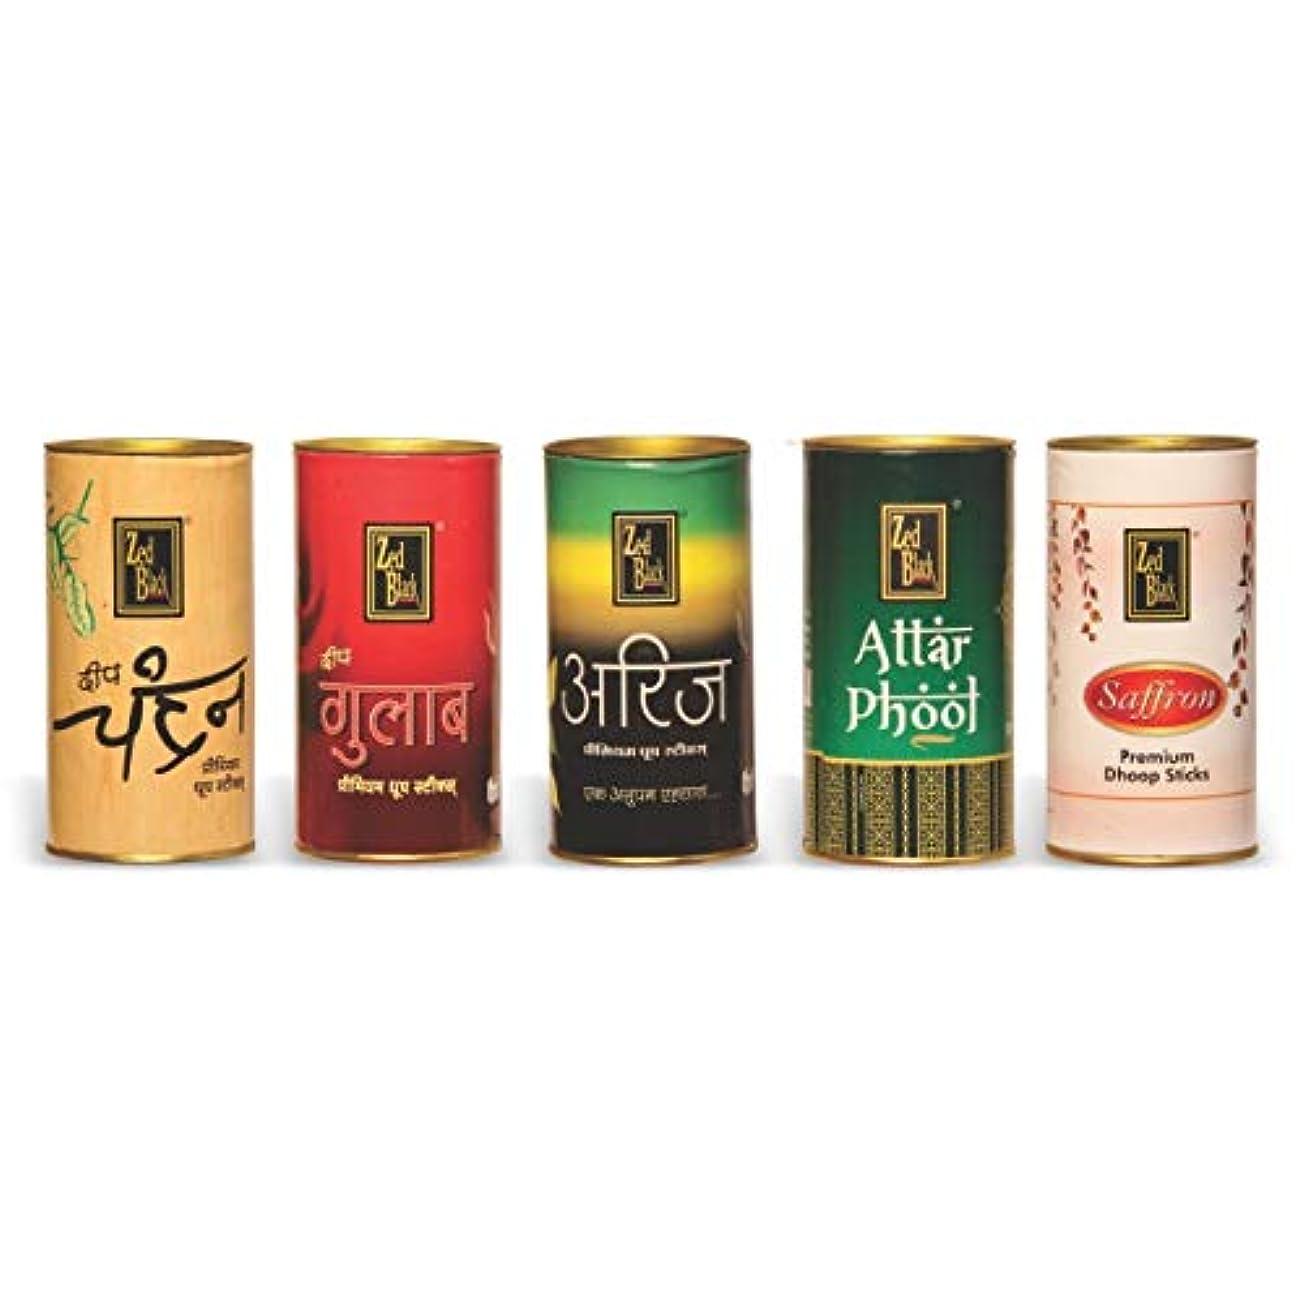 クランプスマート事務所Zed Black Natural Deep-Chandan, Deep-Gulab, Arij, Attar Phool and Saffron Incense Dhoop Sticks Tin - Combo of...